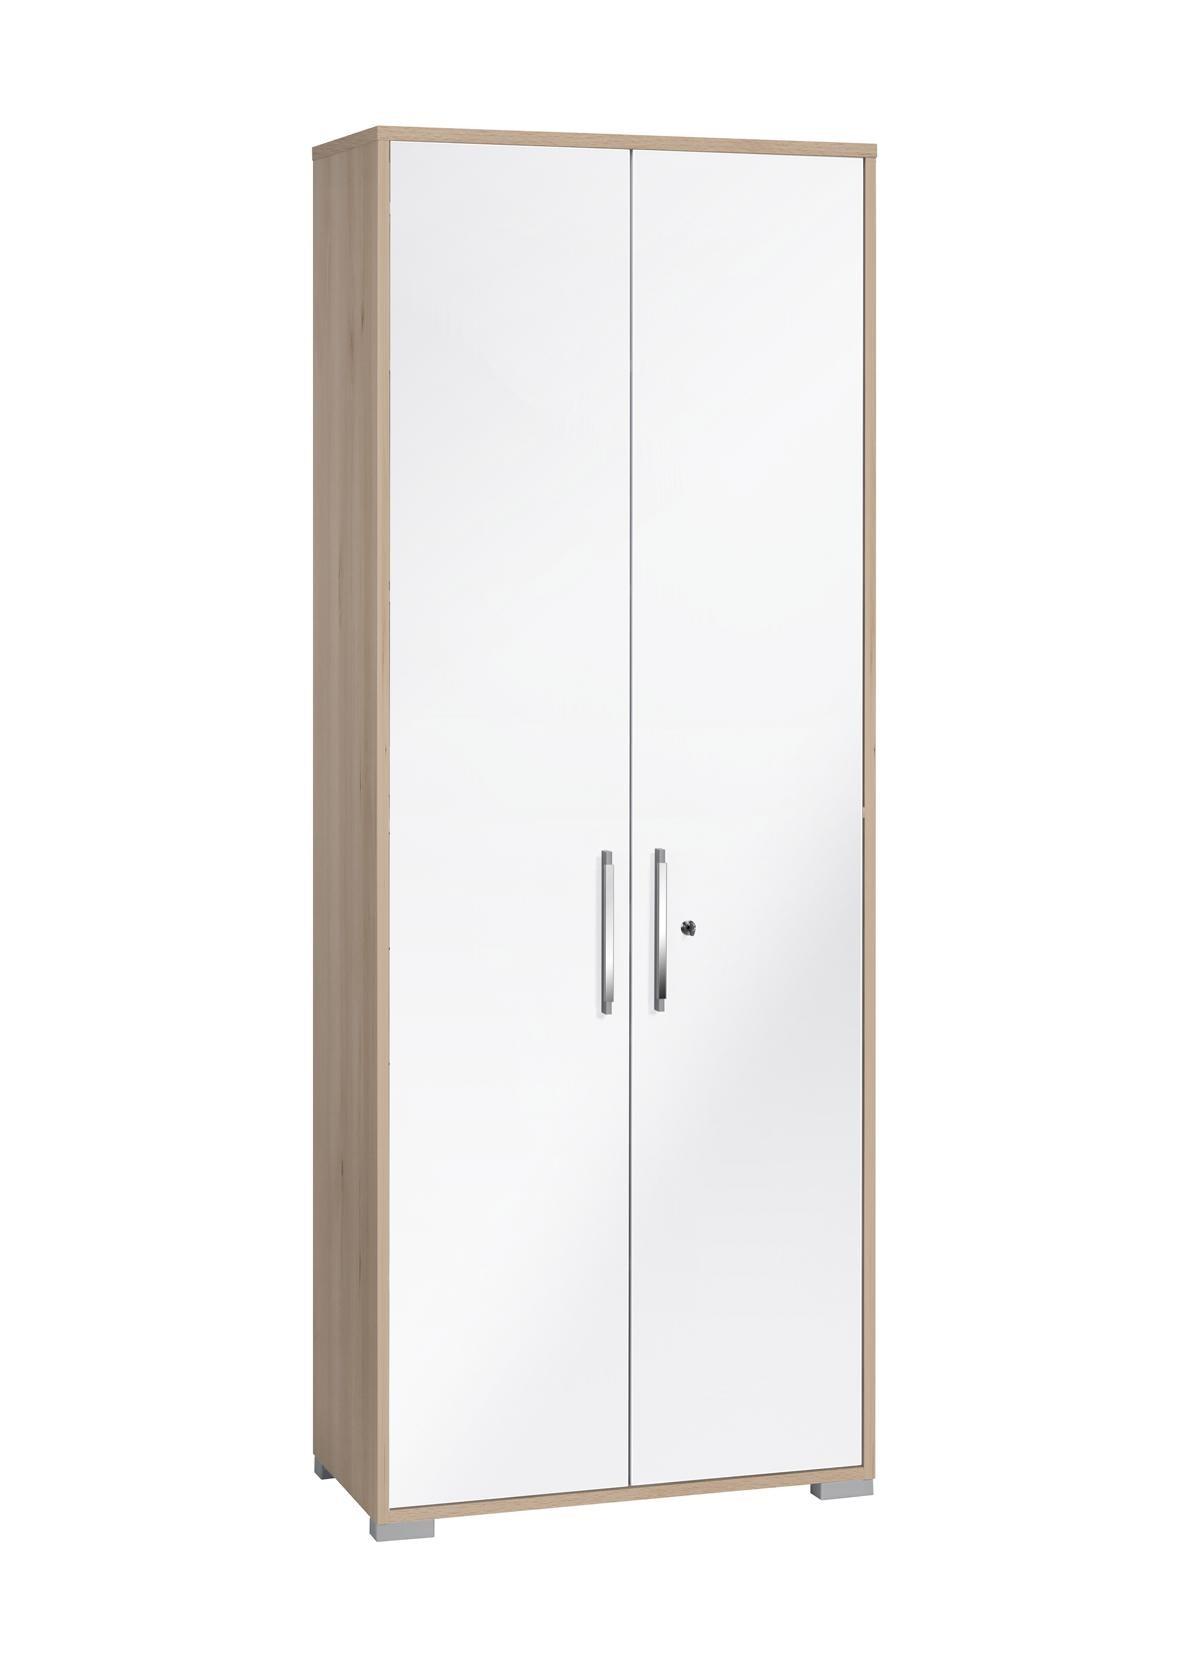 Aktenschrank weiß hochglanz  Aktenschrank Mod.MJ564 Edelbuche - Weiß Hochglanz